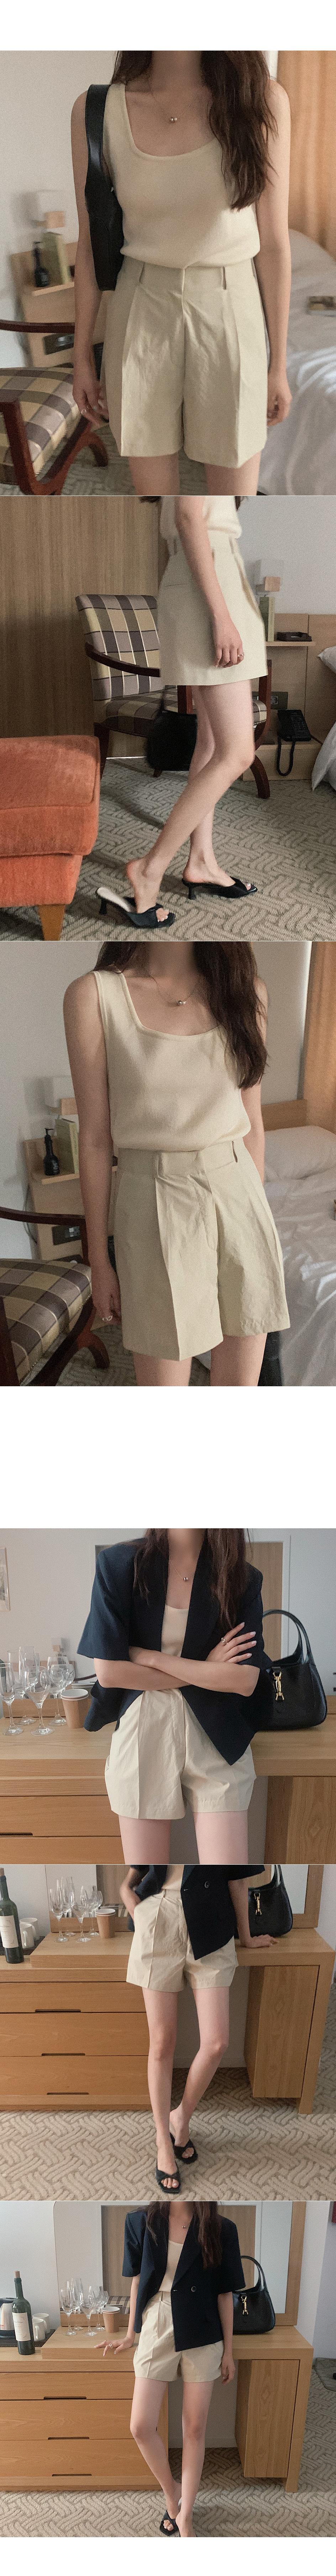 Madjou Knitwear Sleeveless